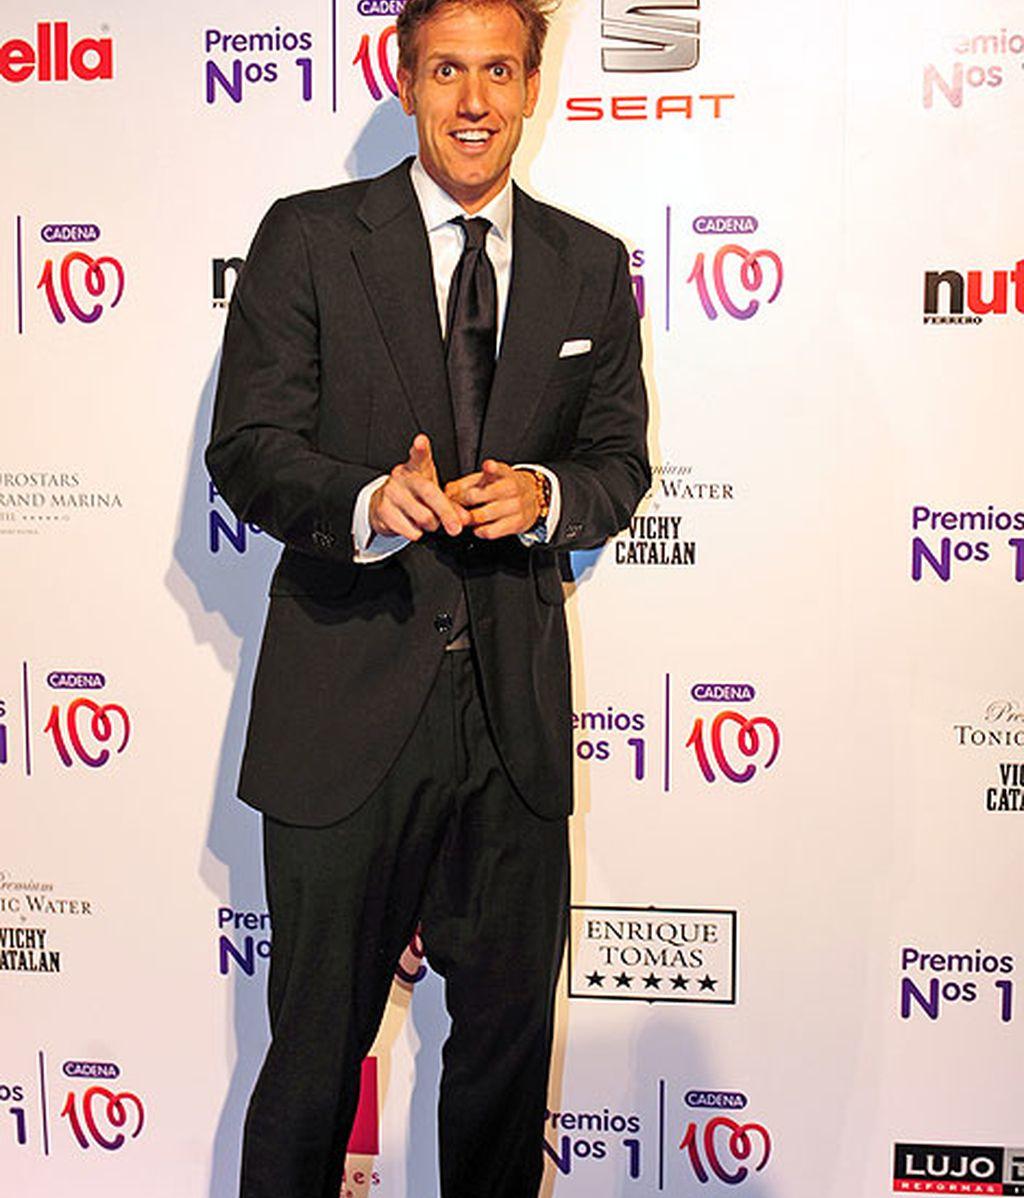 El presentador Óscar Martínez fue uno de los más elegantes